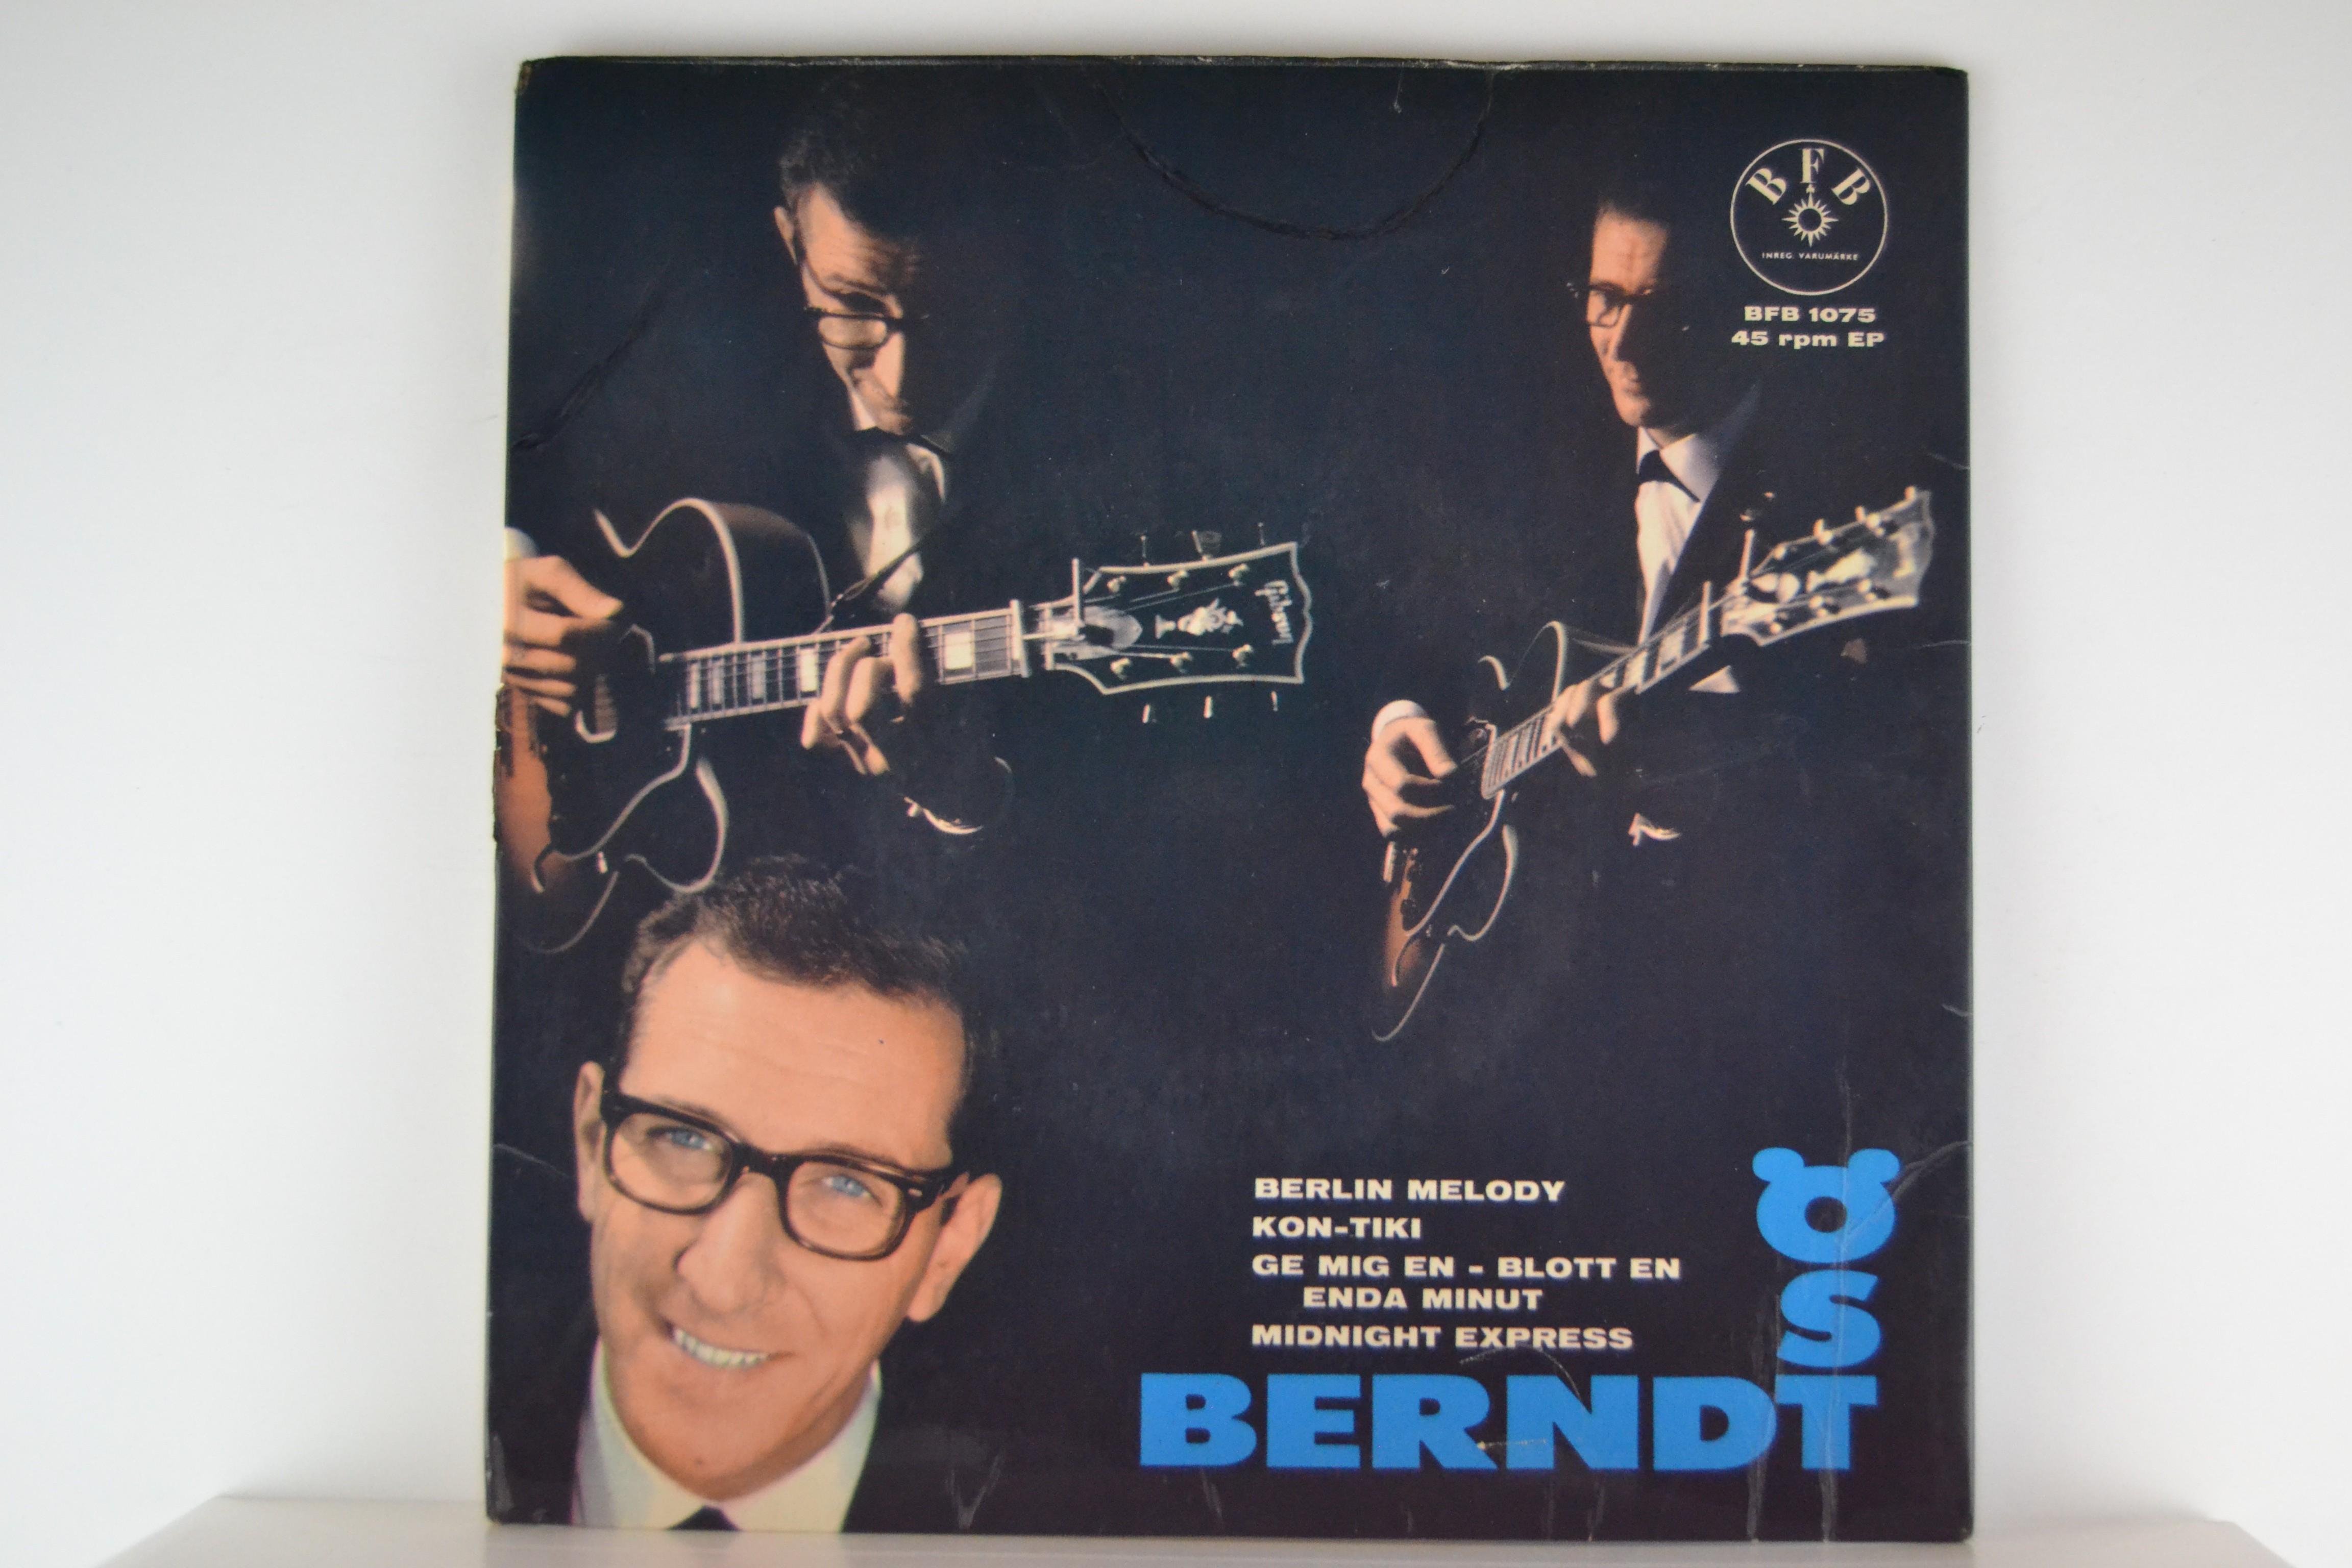 BERNDT ÖST : (EP) Berlin melody / Kon-tiki / Ge mig en - blott en enda minut / Midnight express